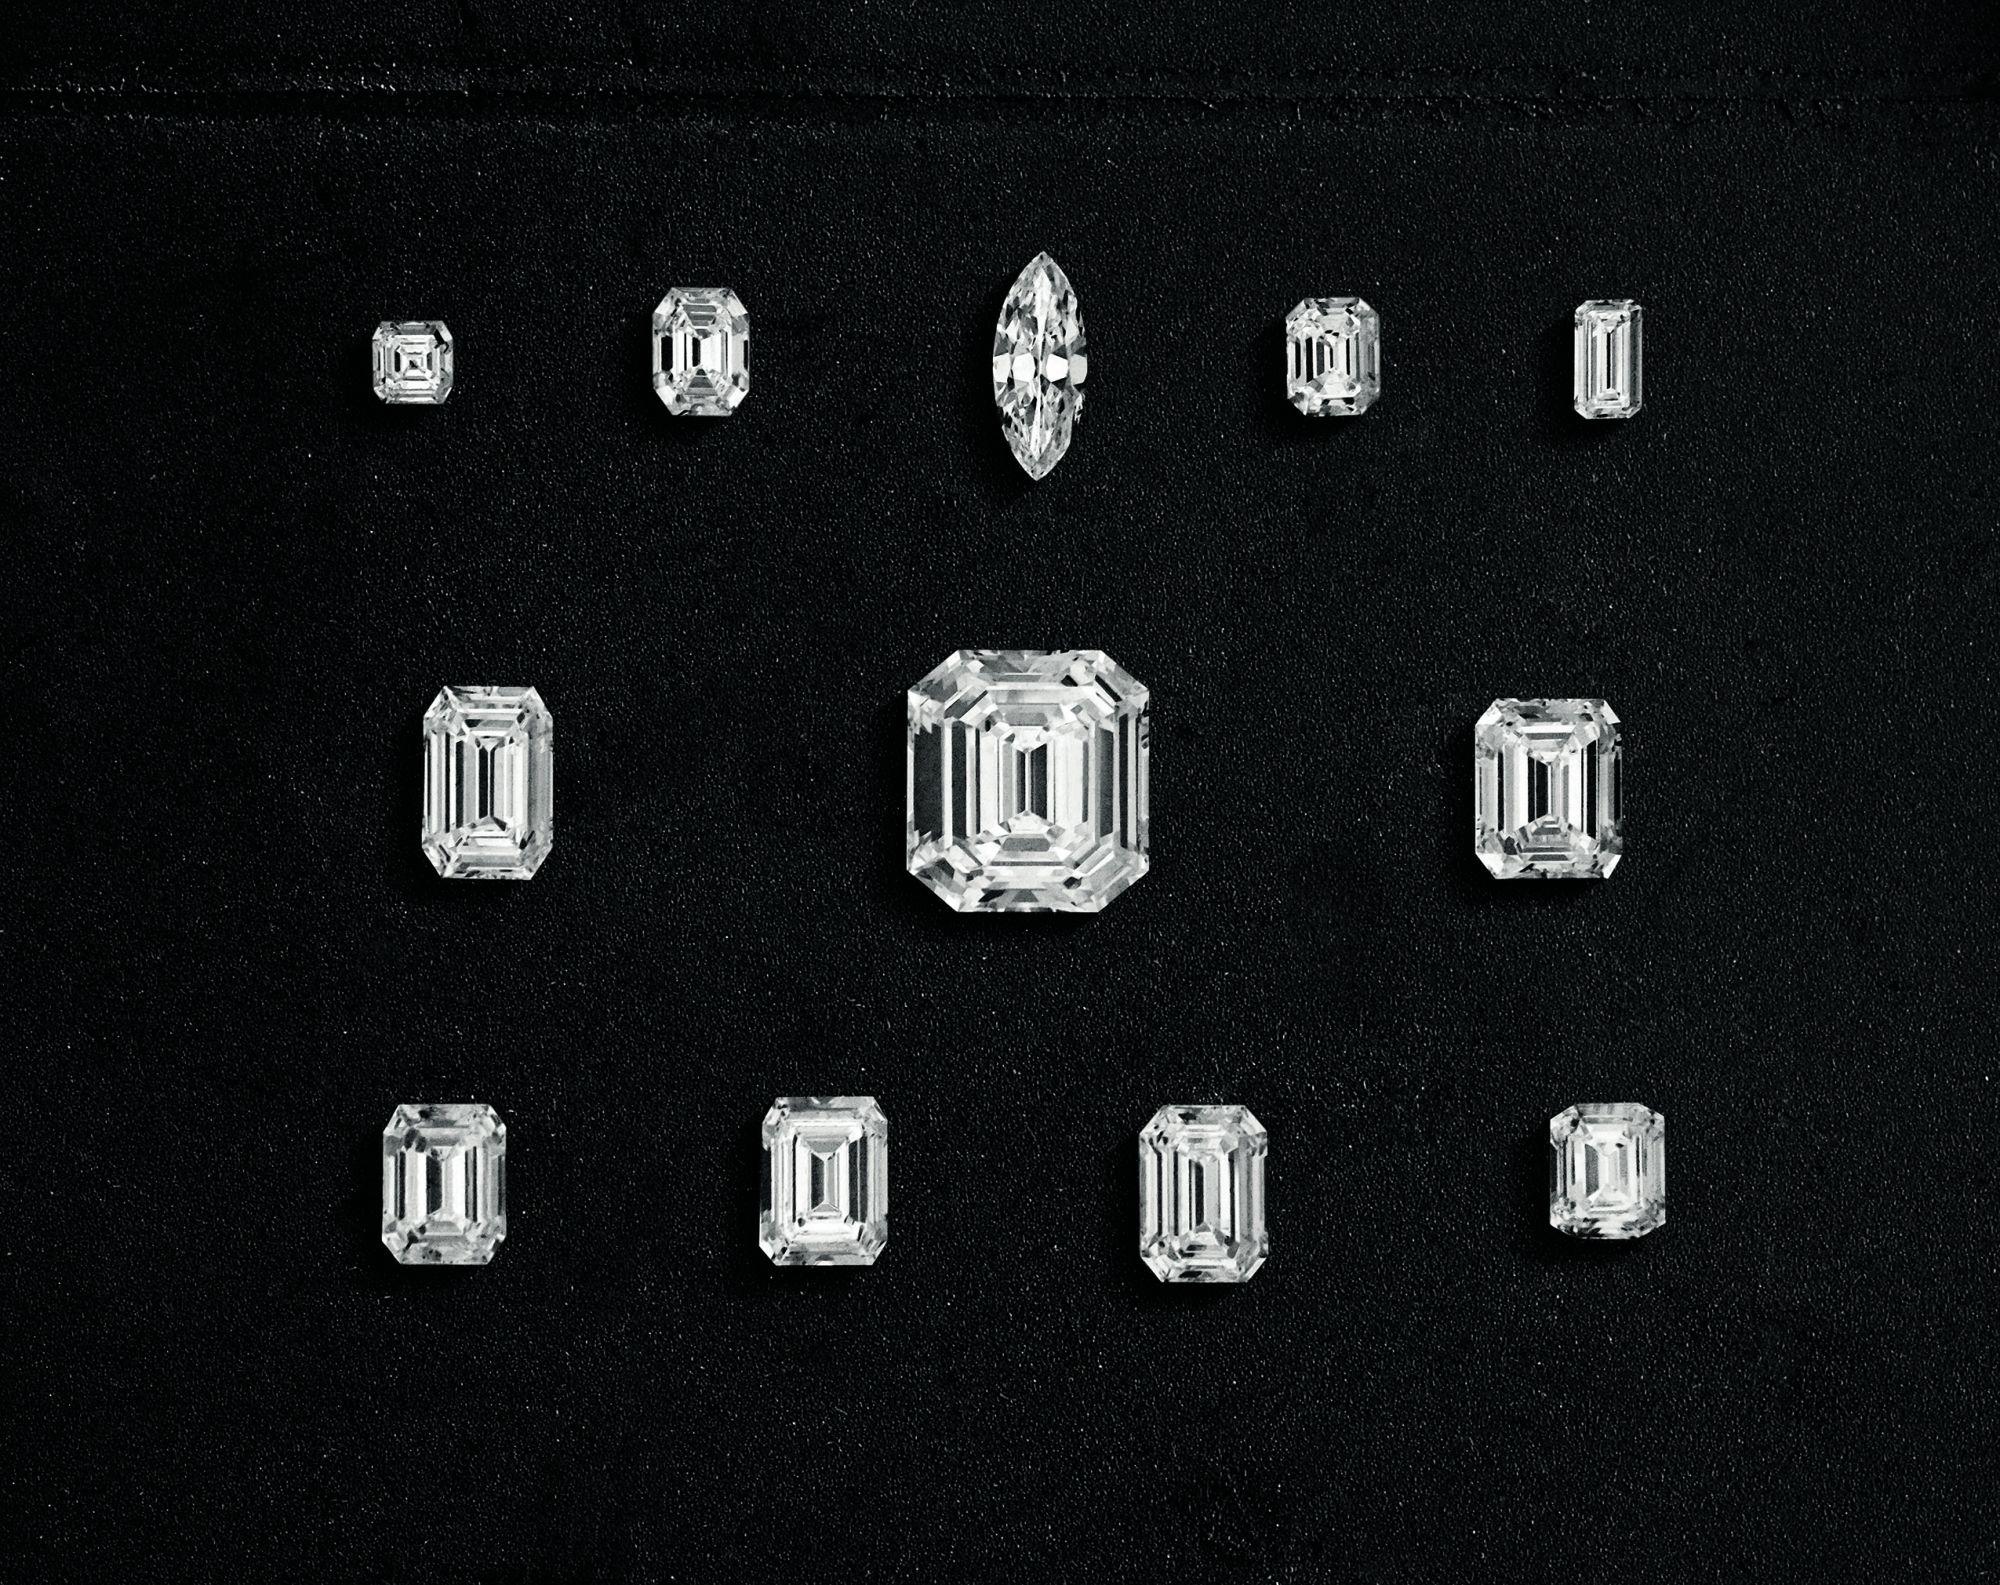 瓊格爾之鑽最後切割出12顆鑽石。(圖片提供/Harry Winston)